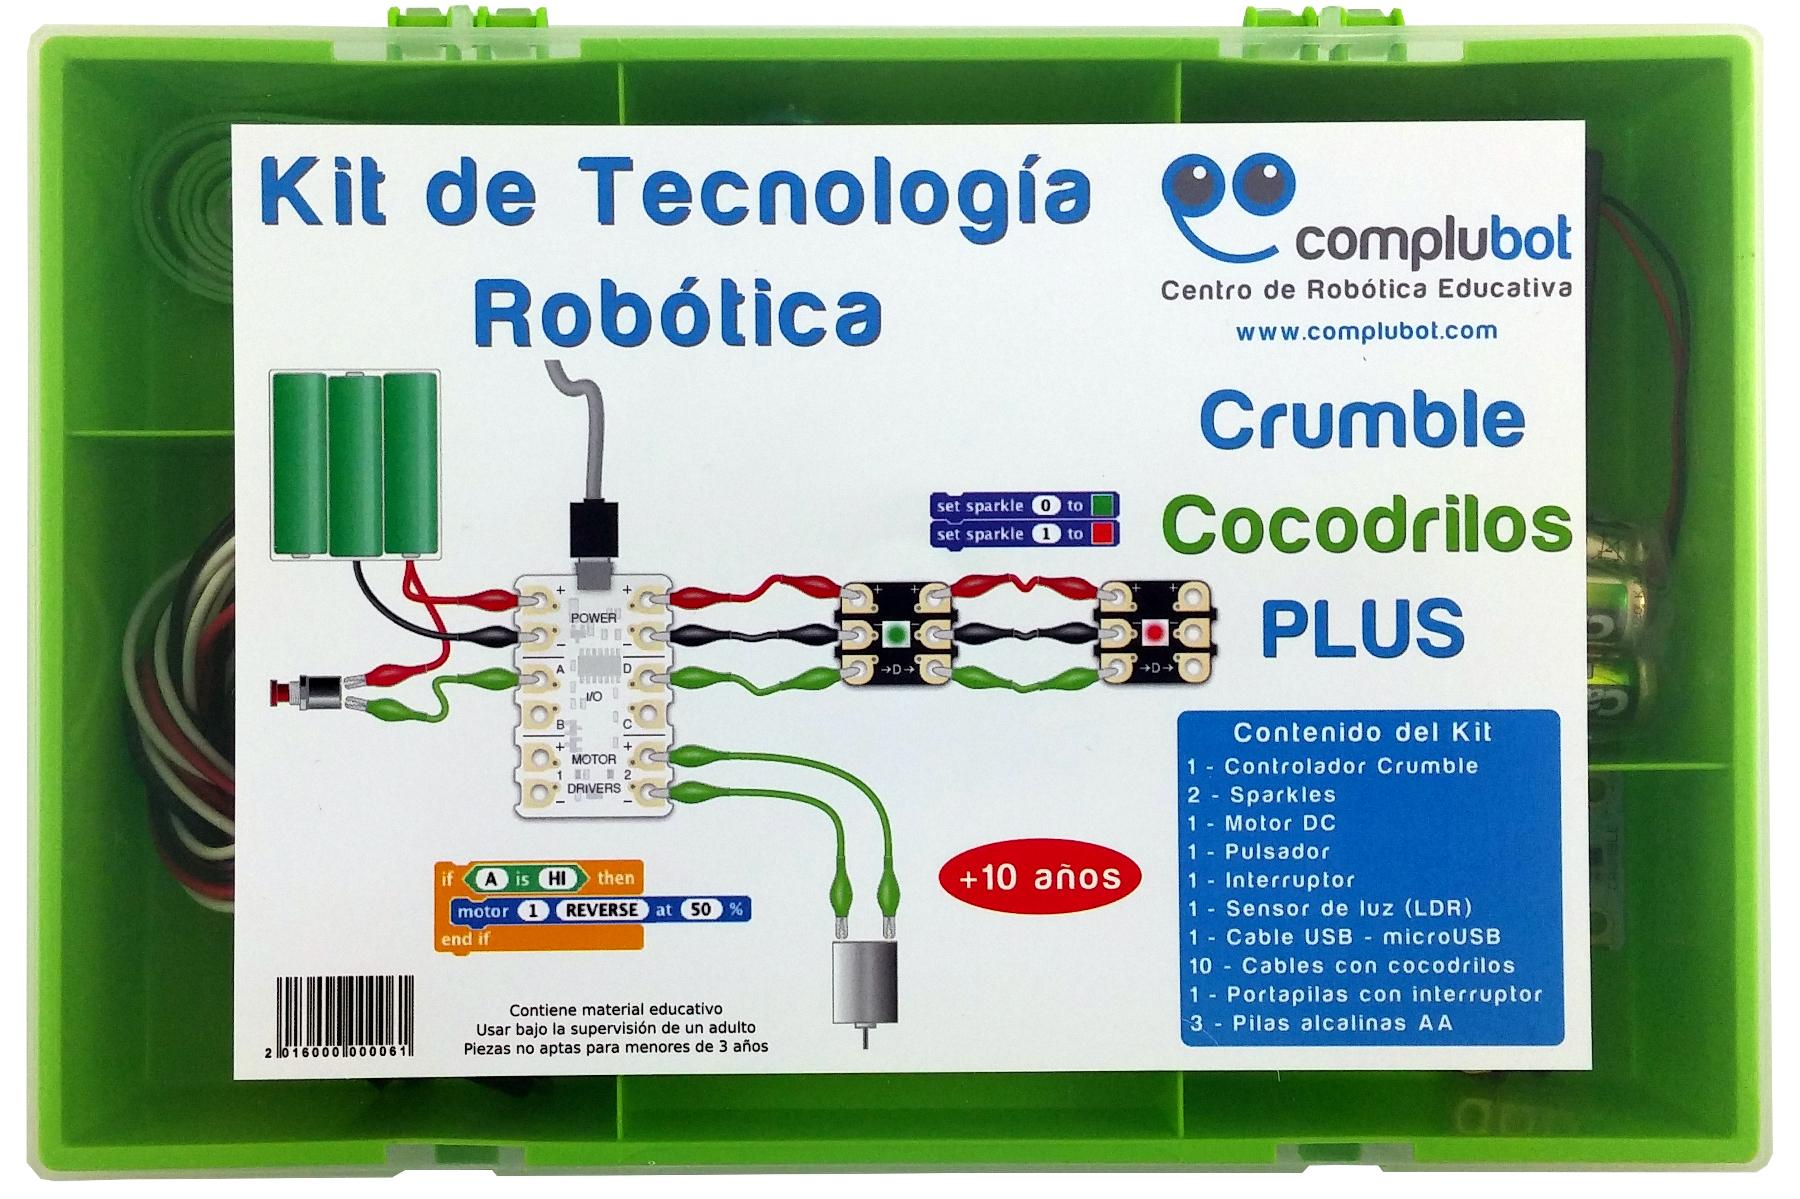 Crumble_Cocodrilos_Plus_01_med